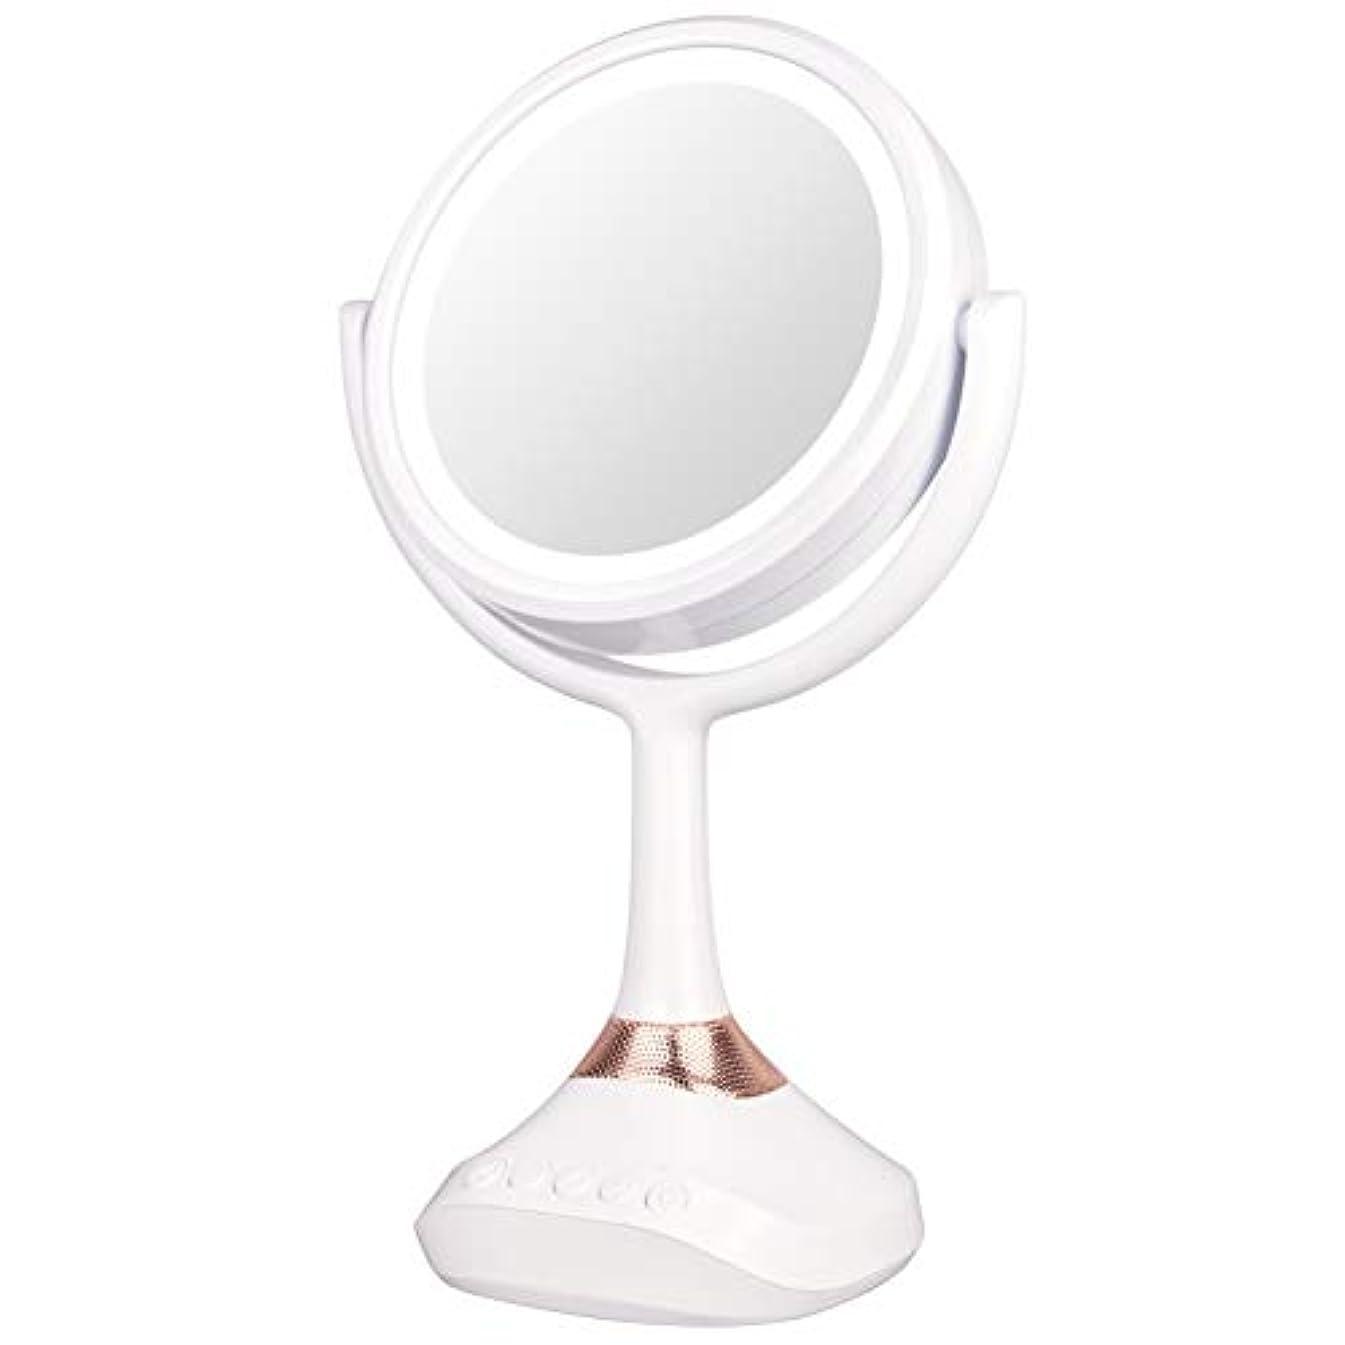 曲げる火山汗XJZxX ブルートゥースLED音楽ミラー卓上化粧台ミラー付きスピーカー照明付き化粧鏡ライト付き化粧鏡 -美容アクセサリー